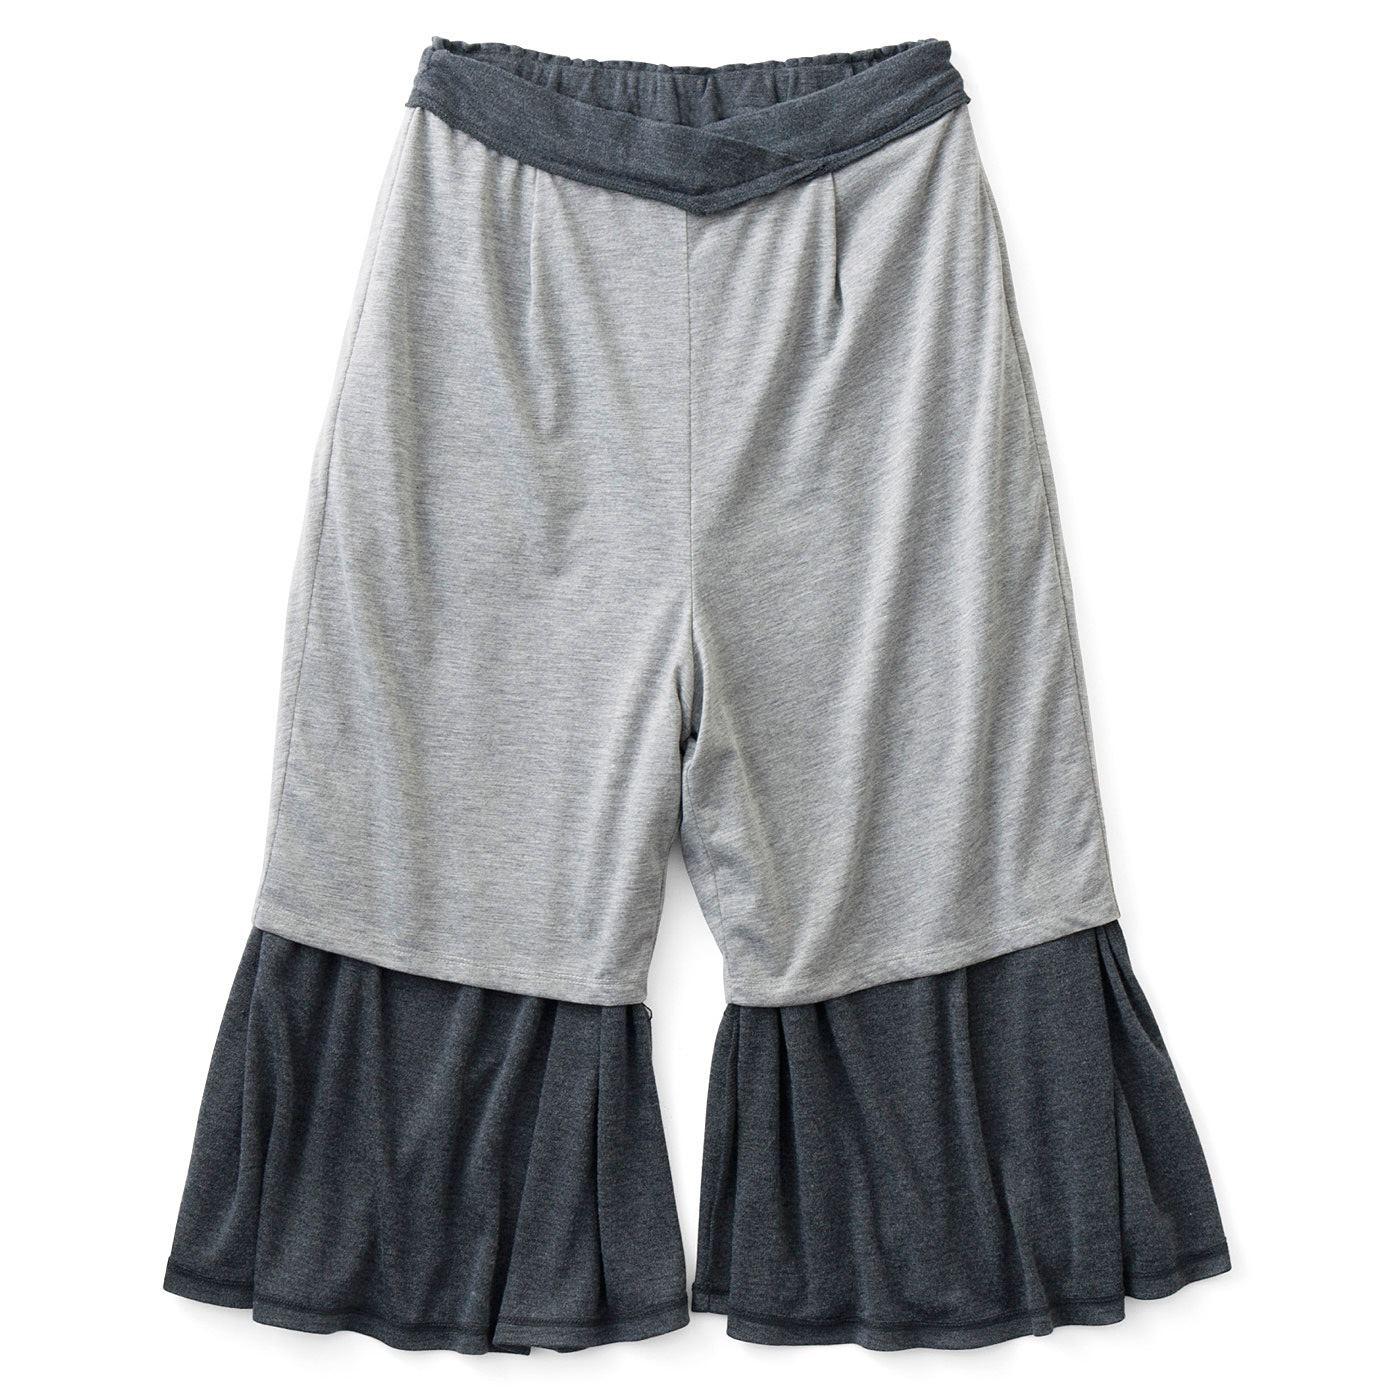 【インナーパンツ付き】杢(もく)グレーの綿混素材のインナーパンツ付きで着心地よく、快適。